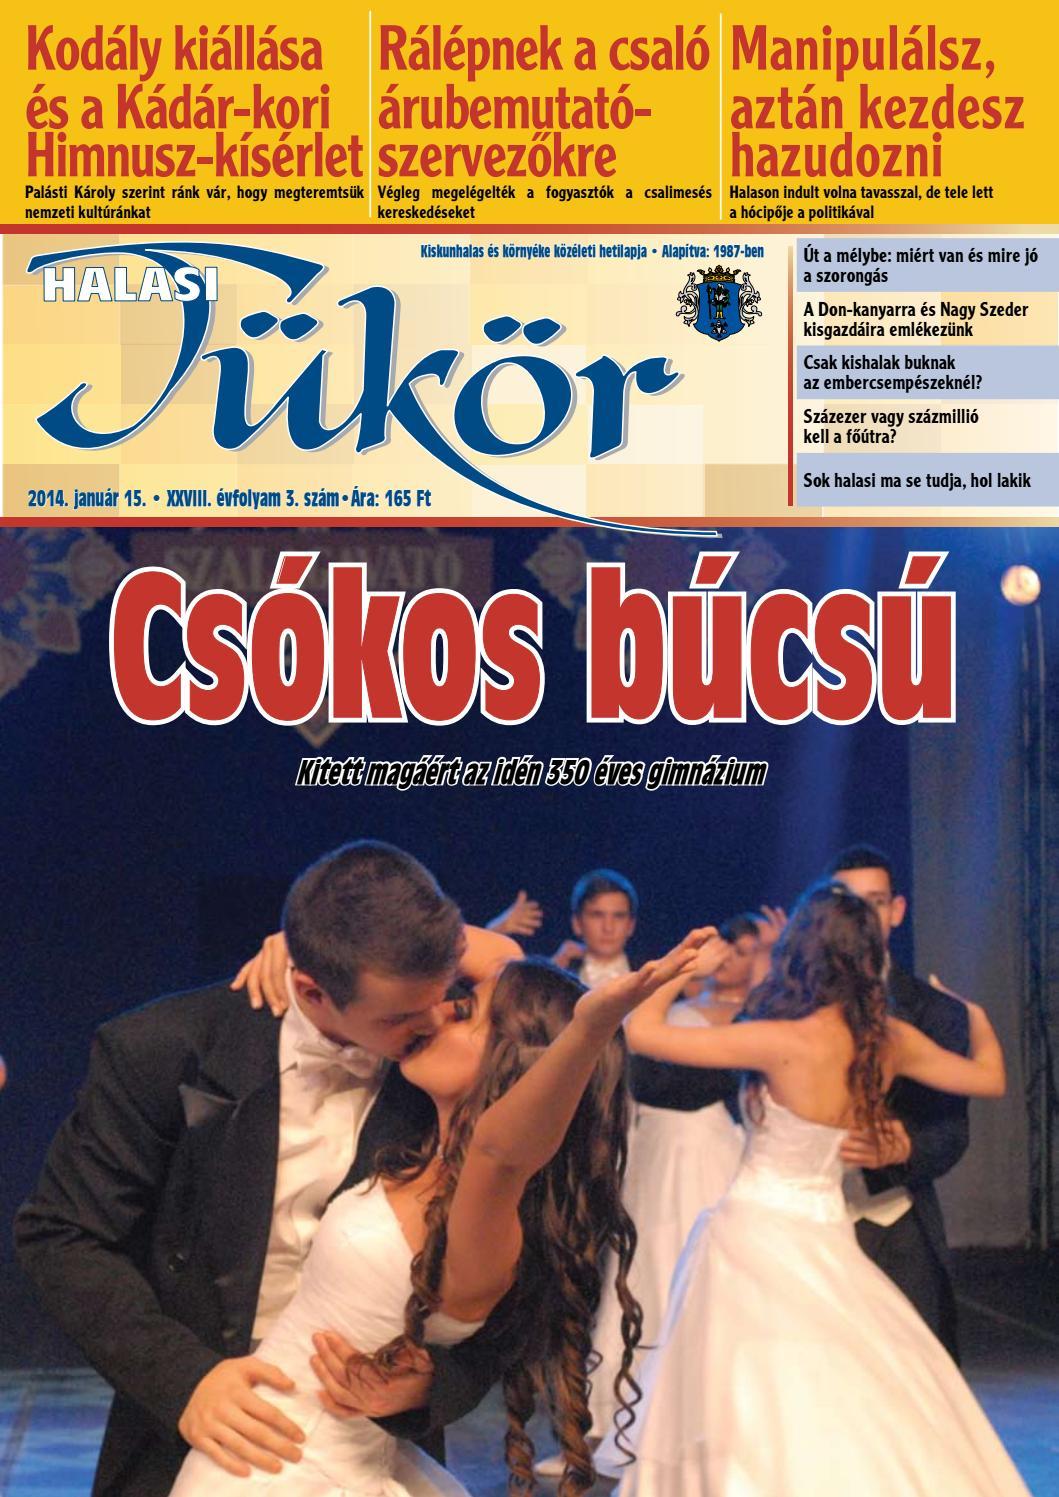 XXVIII. évf. 3. szám 2014. január 15. by Halasi Tükör - issuu b17ecbbd2e